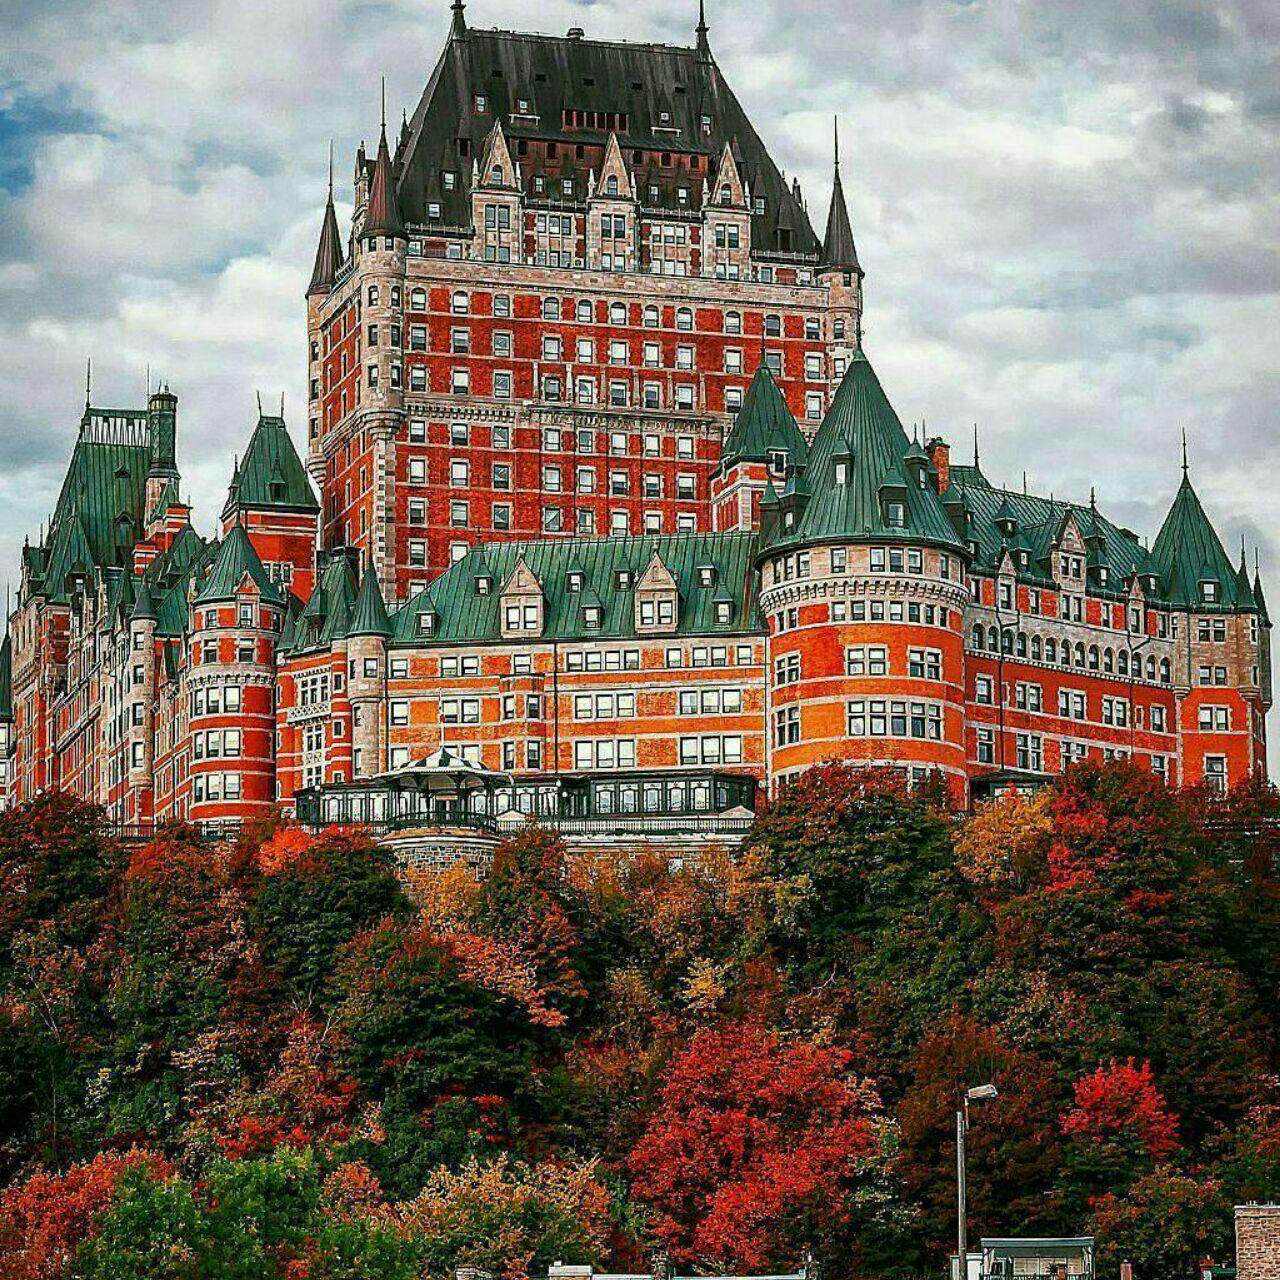 زیباترین هتل جهان (عکس)